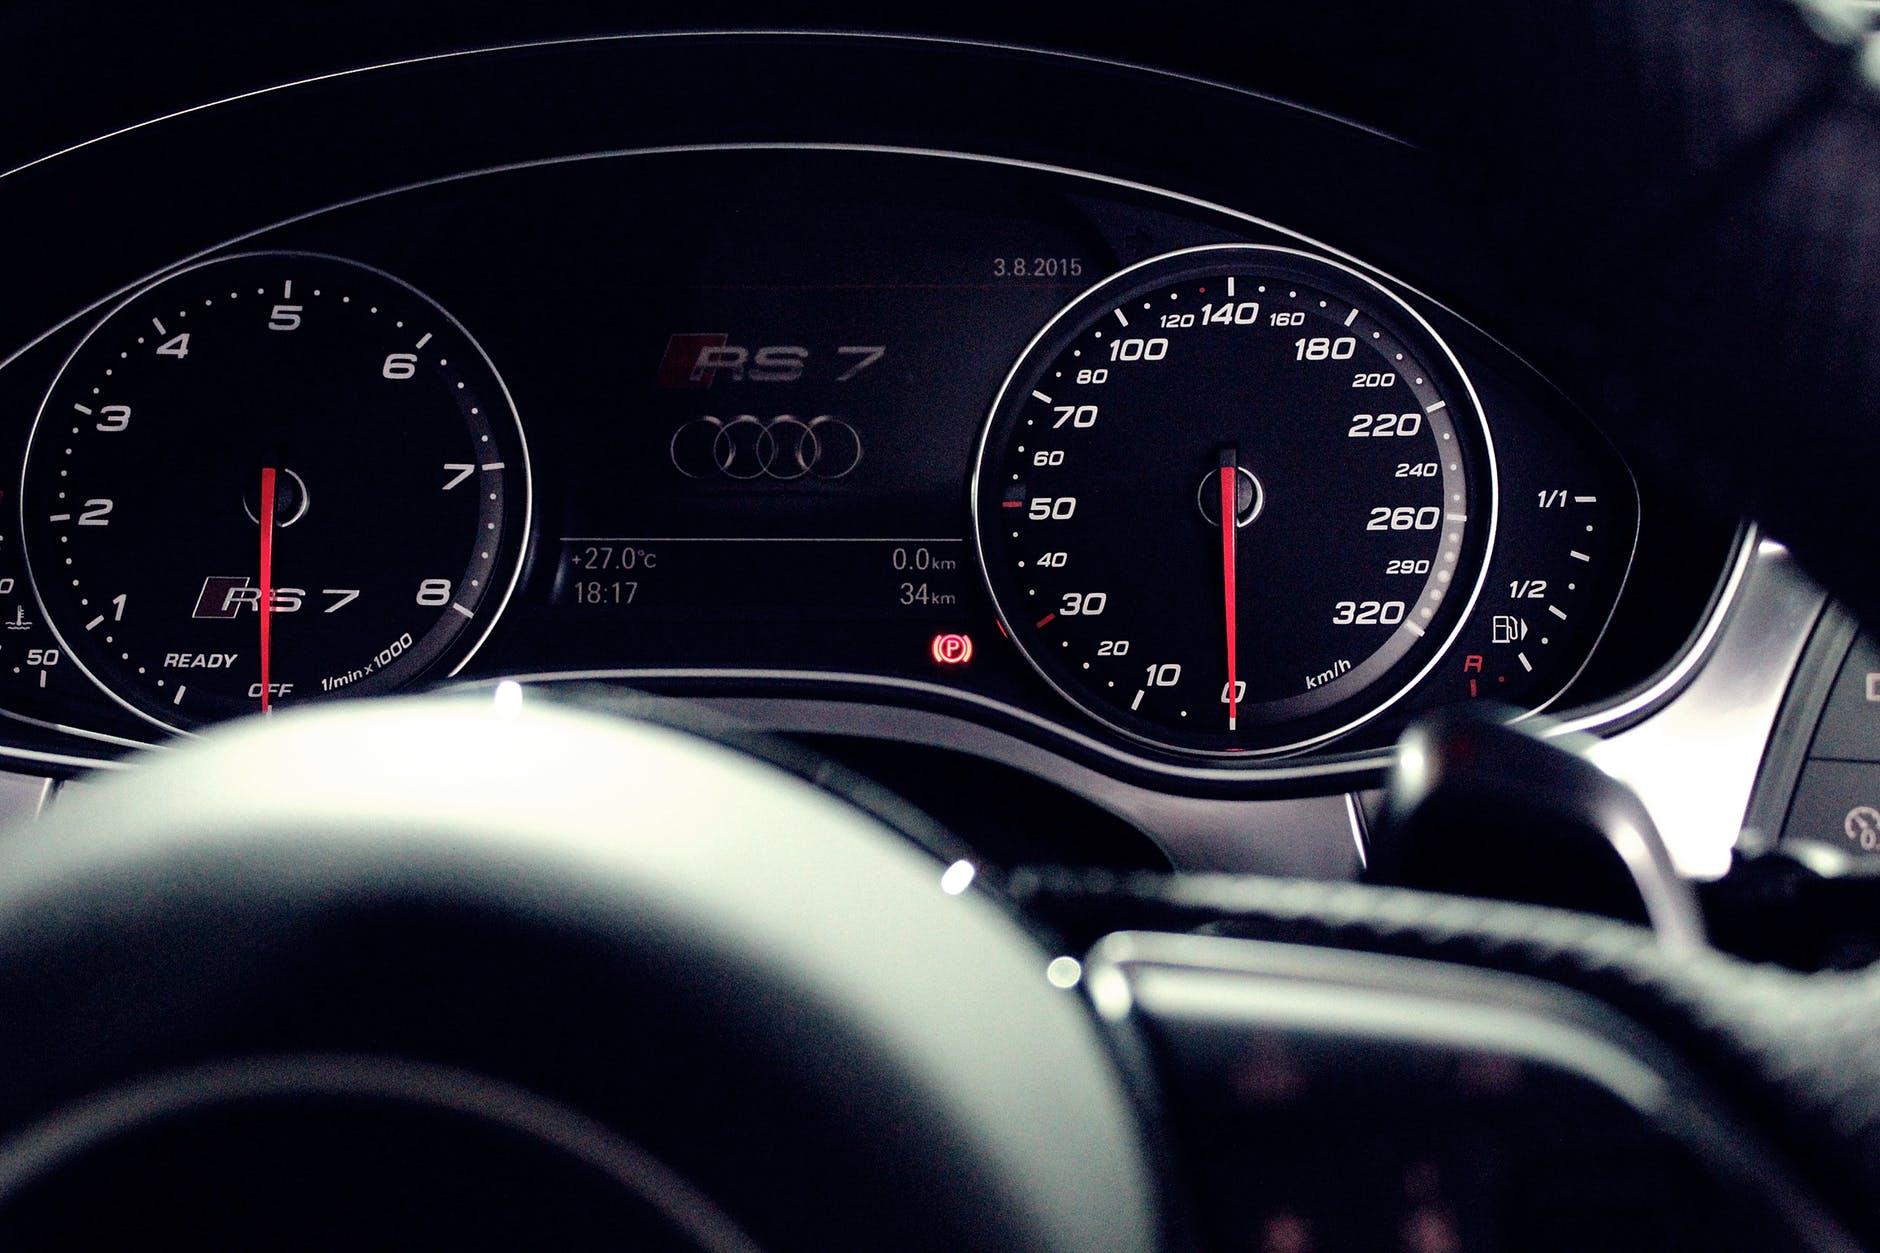 sprawdzenie przebiegu belgijskiego auta